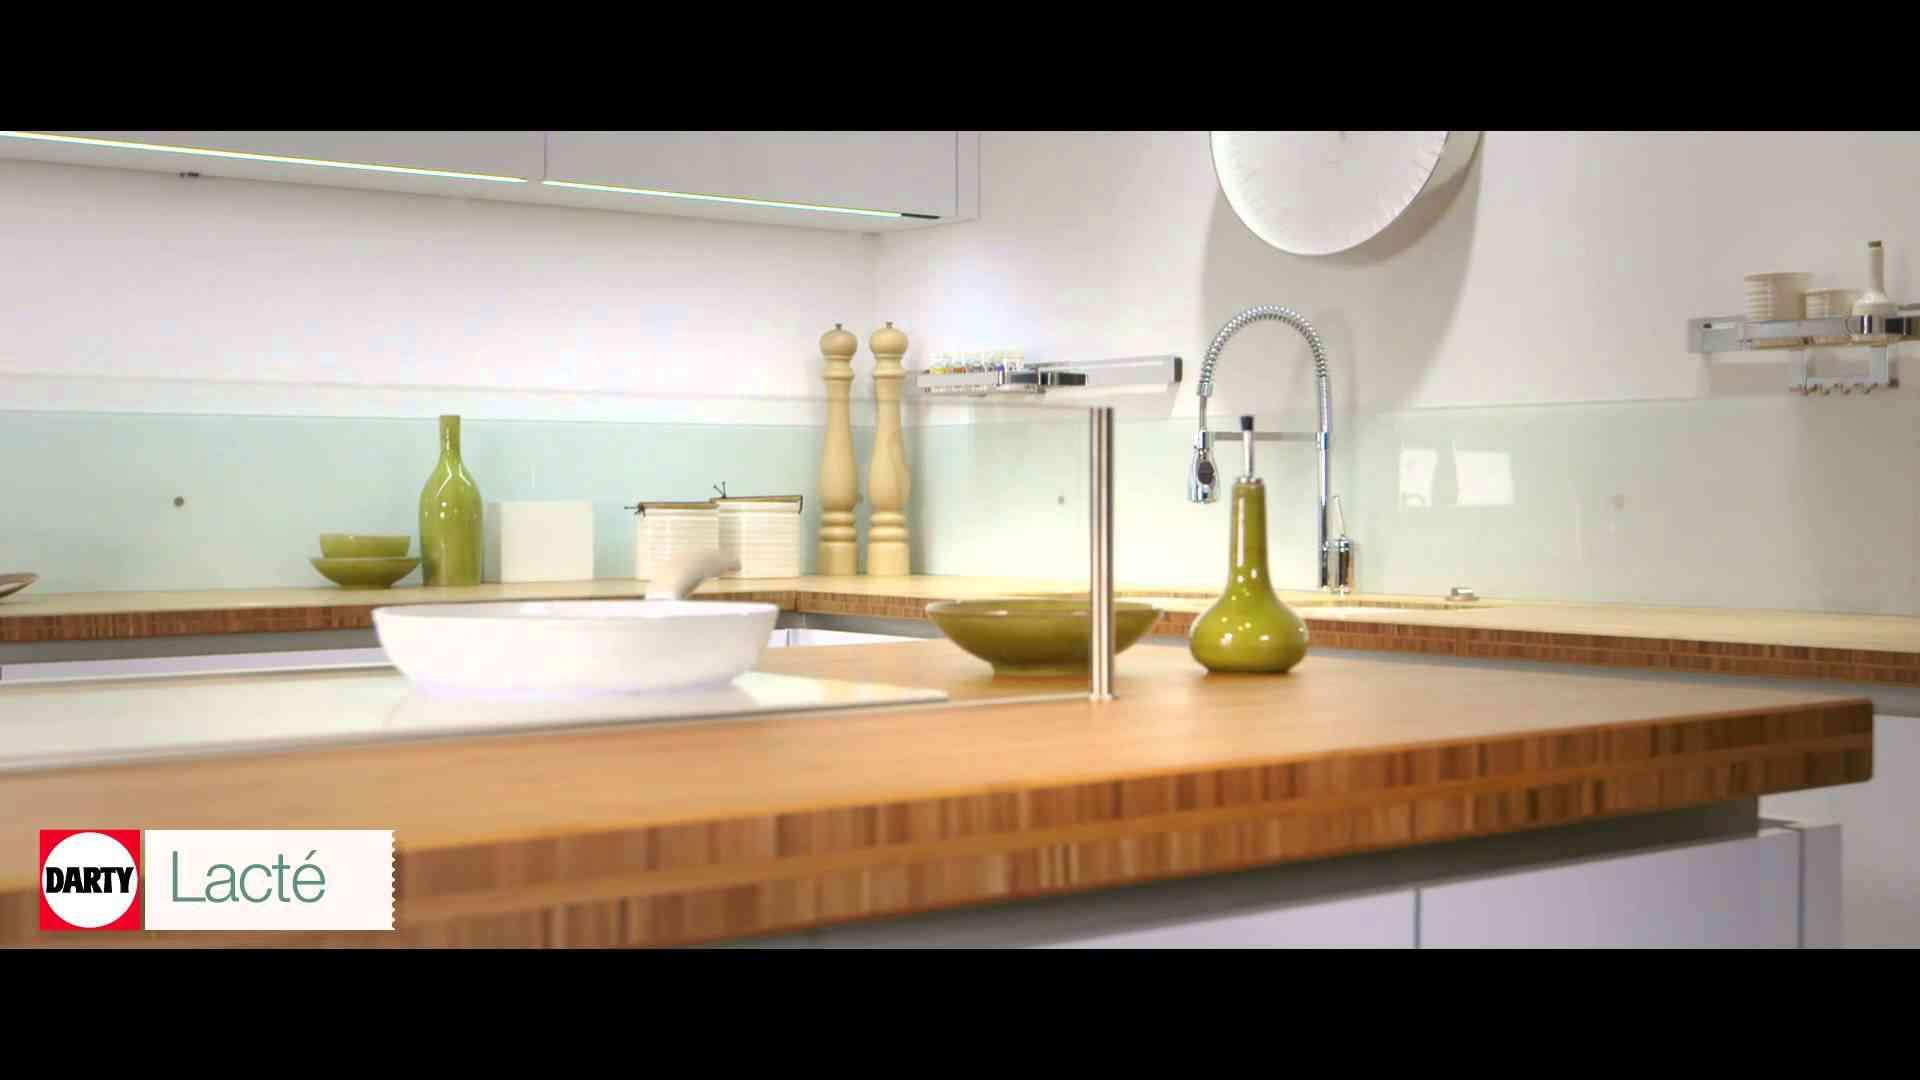 Cuisine Darty Avis 2017 Unique Image 50 La Collection Darty Cuisine Prix